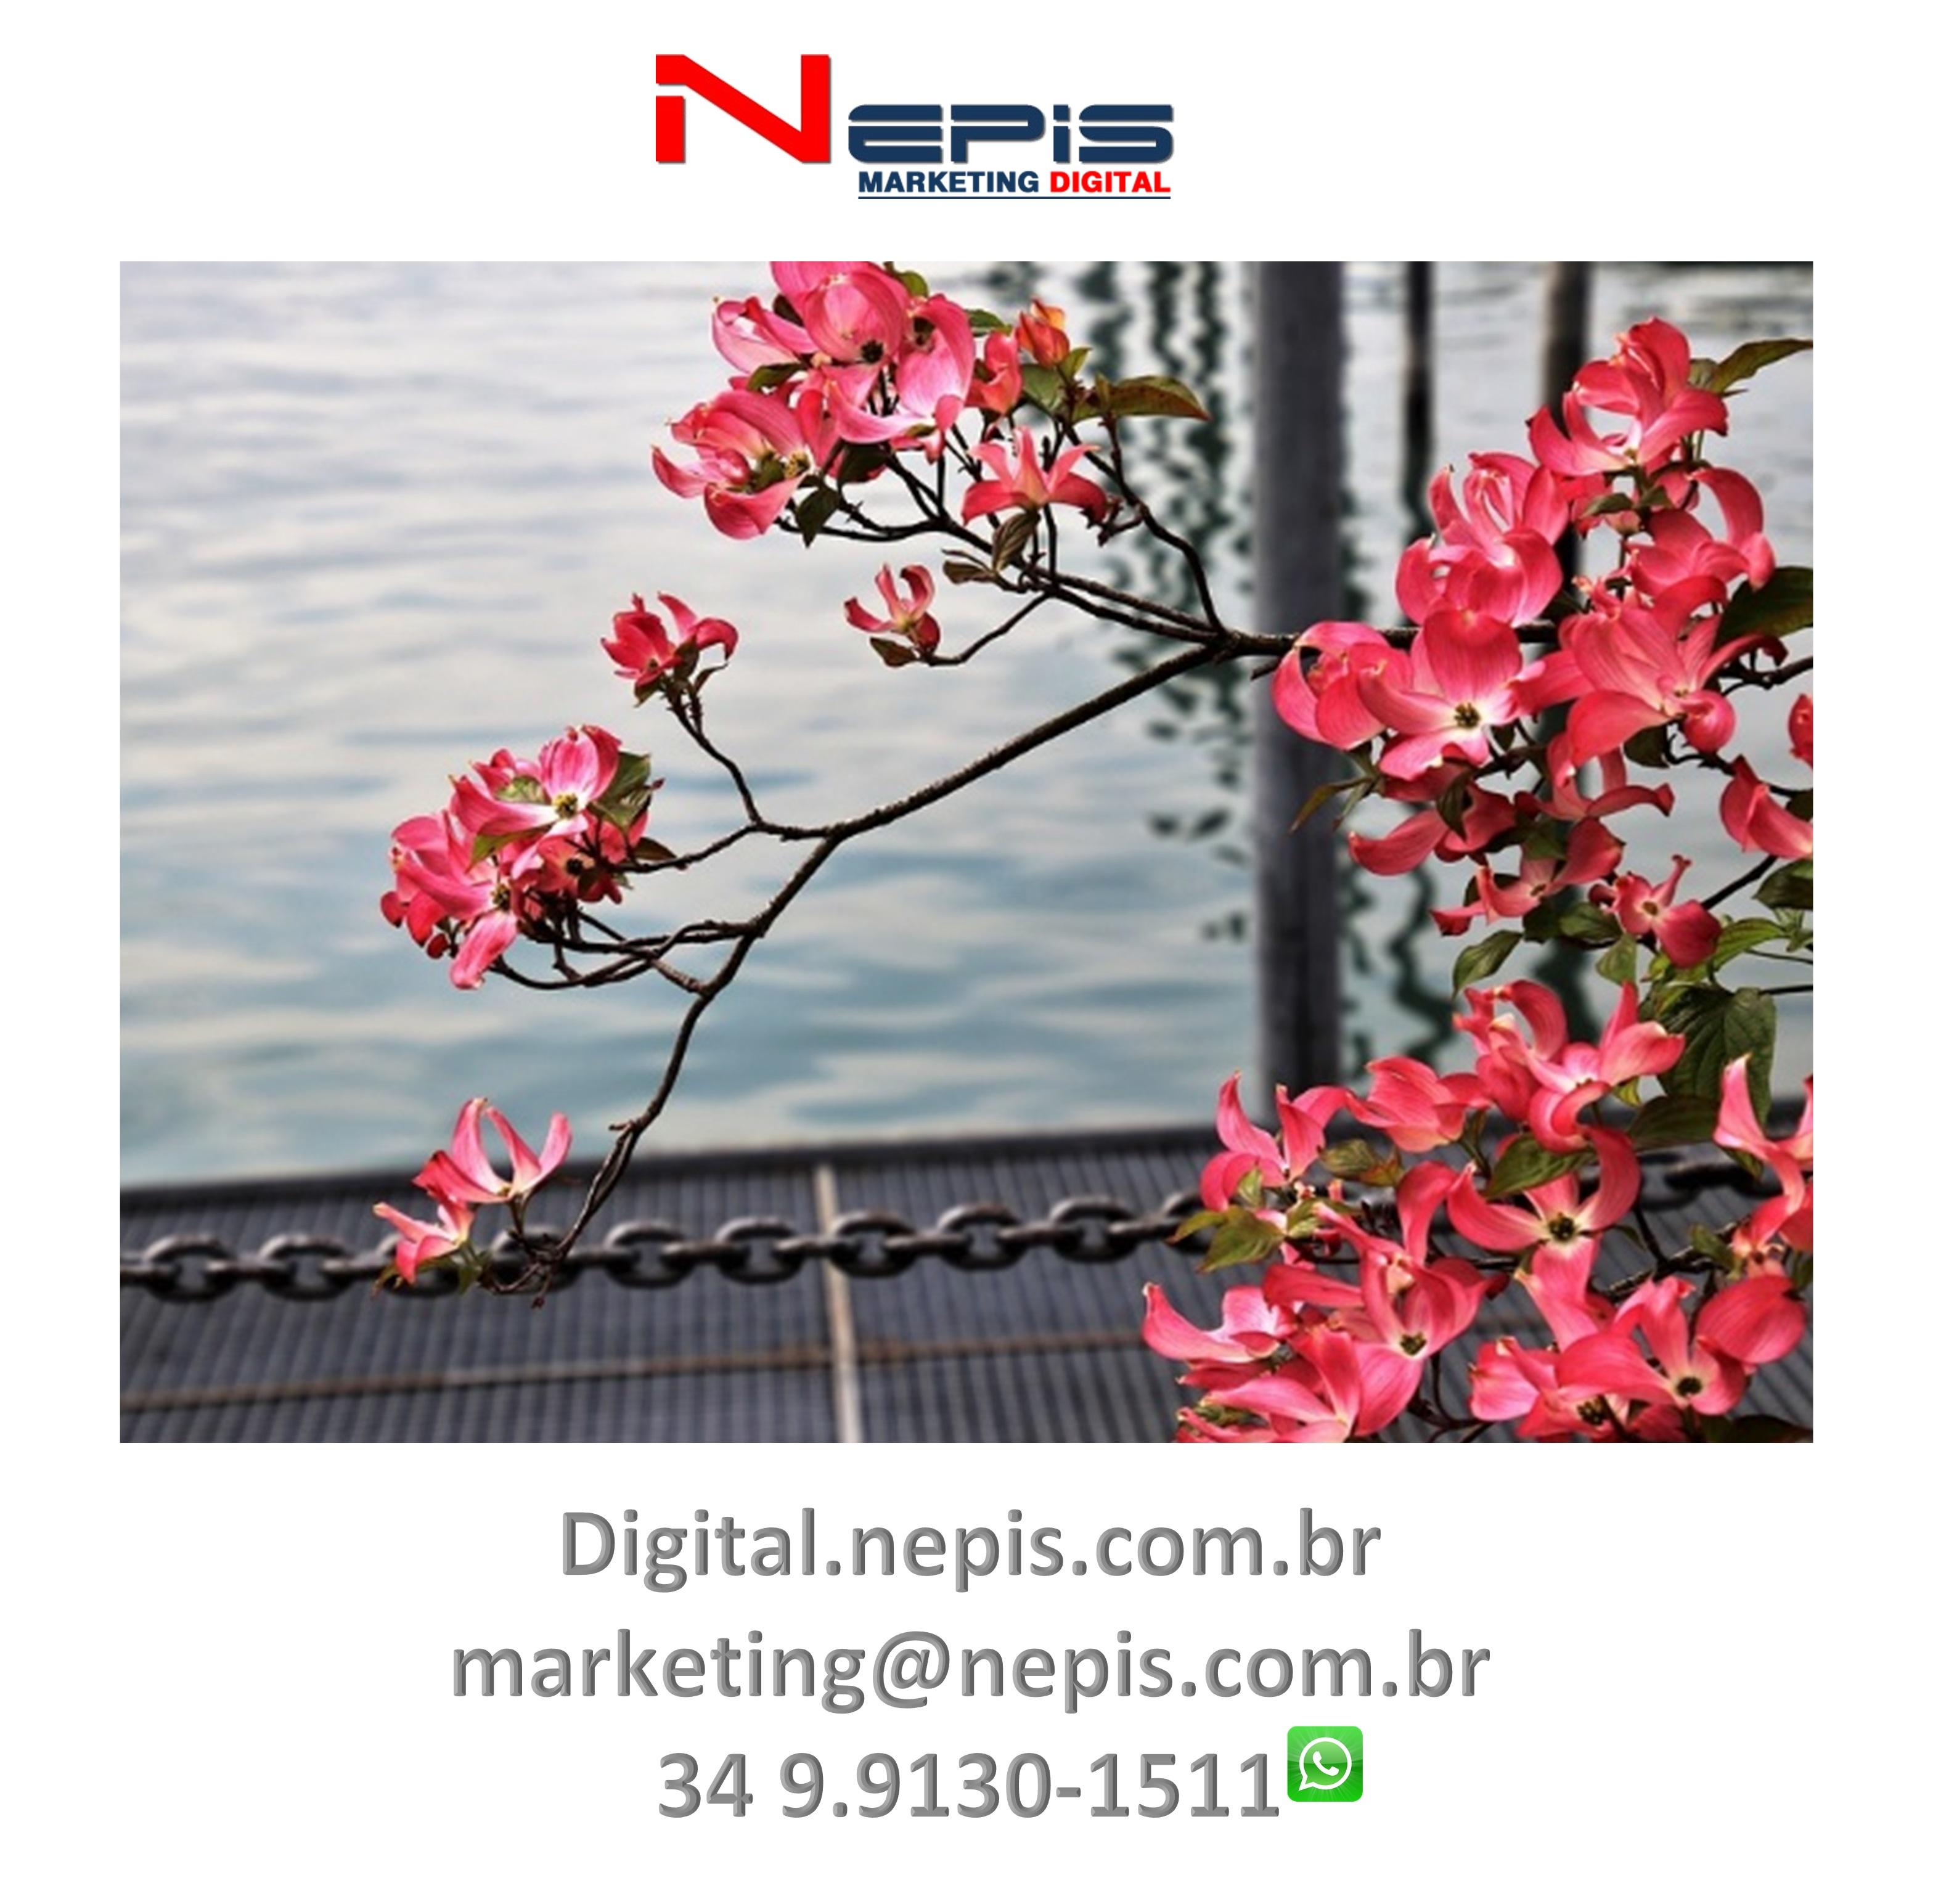 NEPIS Digital Publicidade camapanha flores 1